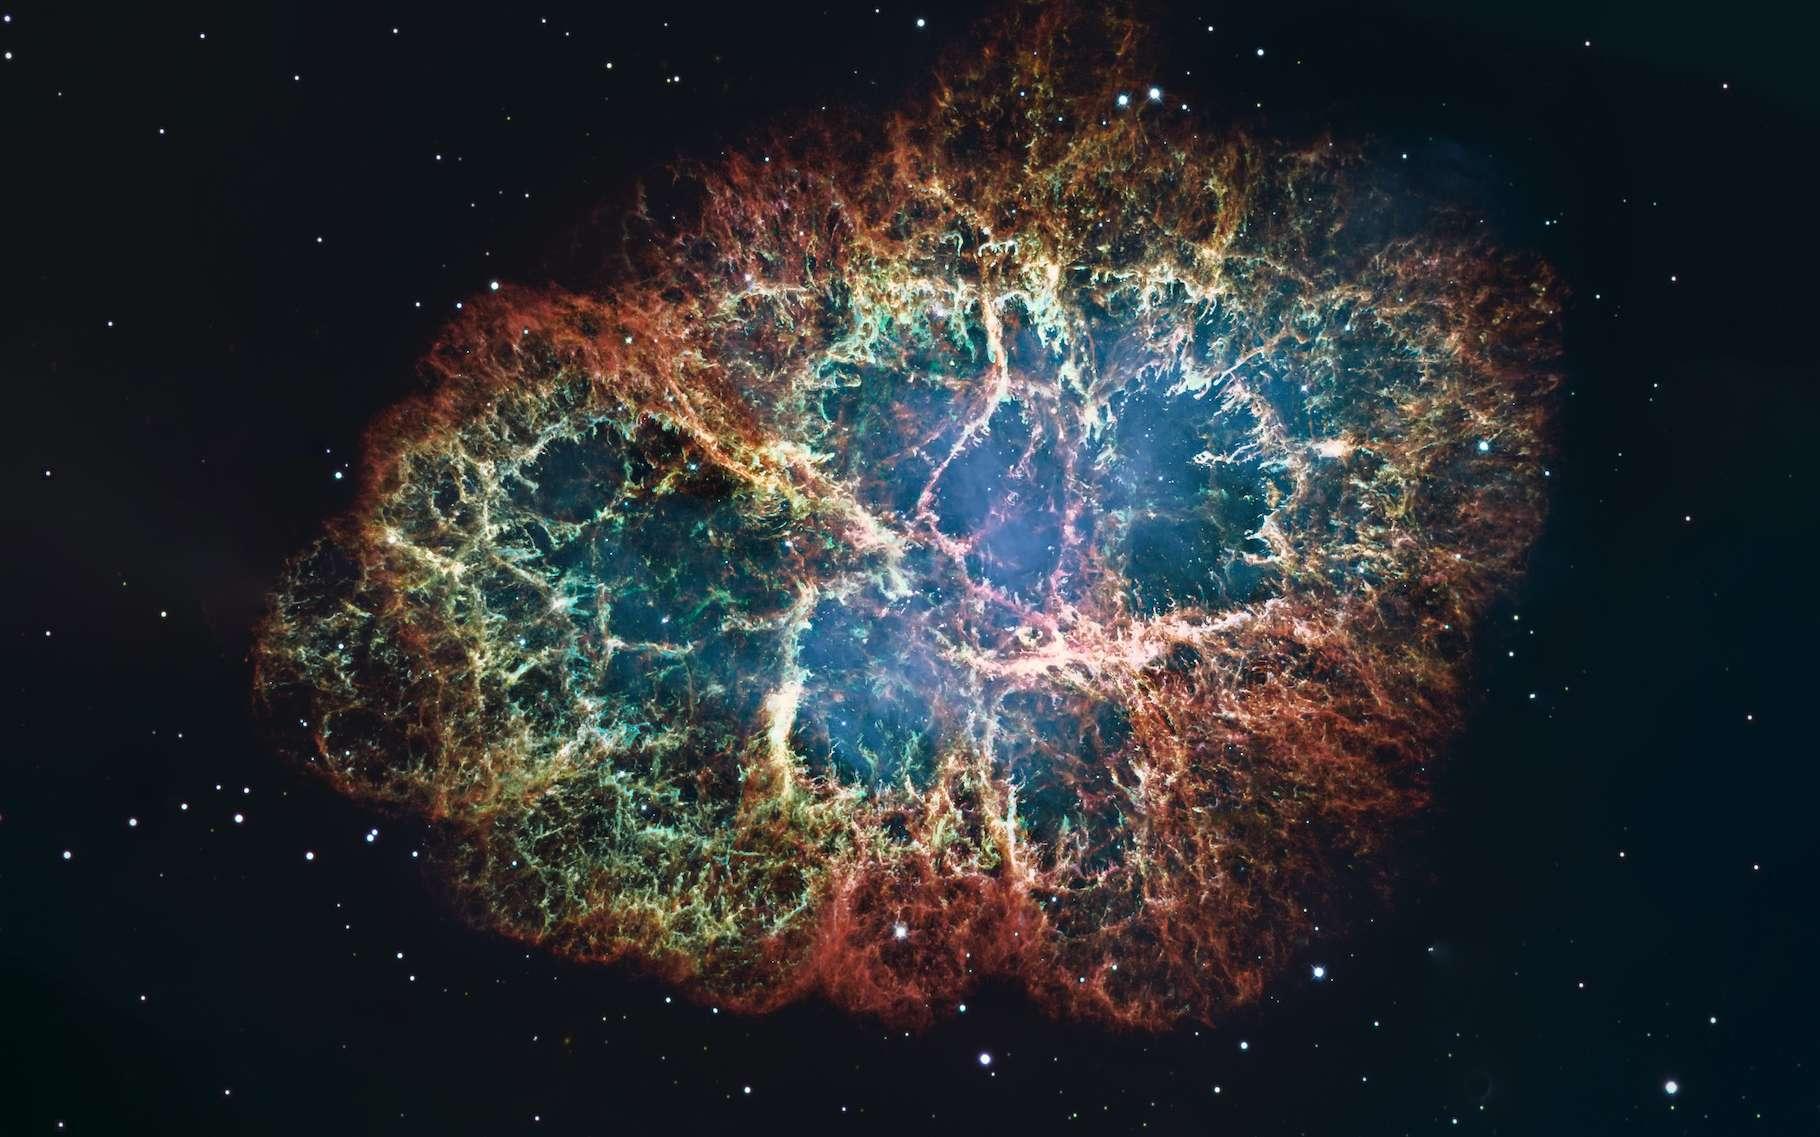 La nébuleuse du Crabe (Messier 1 ou M1) est un rémanent de supernovae. Des chercheurs de l'université de l'État du Michigan (MSU, États-Unis) avancent aujourd'hui que le carbone pourrait se former bien plus rapidement qu'on le pensait au cœur de tels objets. © allexxandarx, Adobe Stock